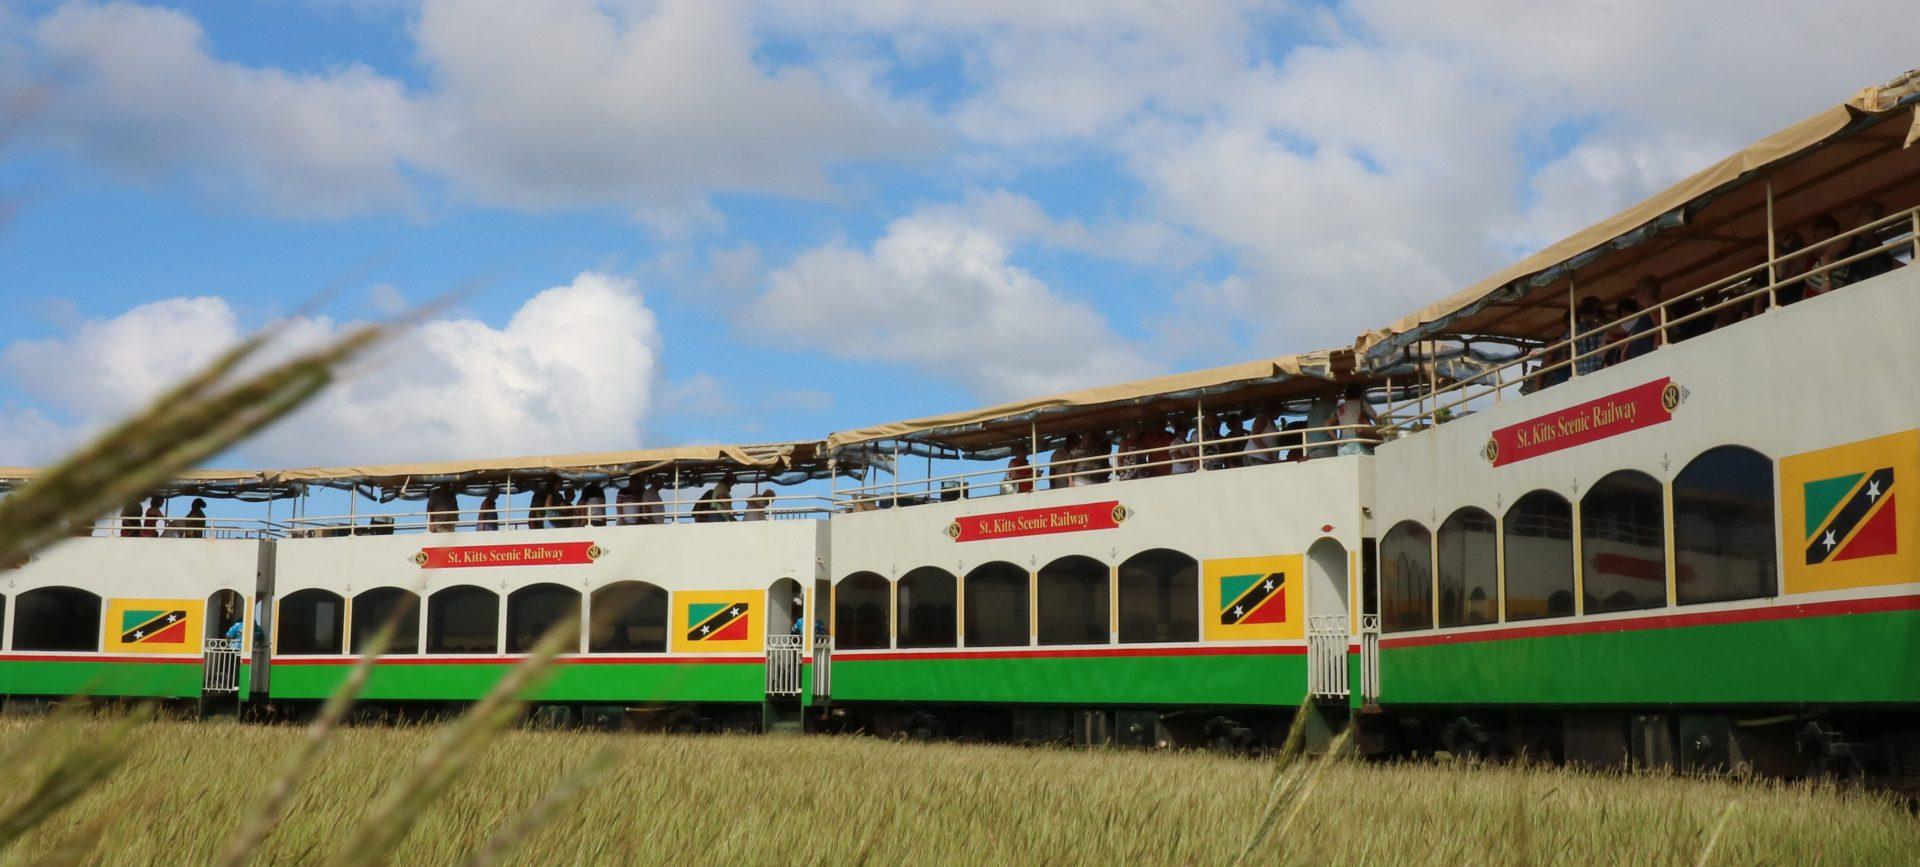 De Catamaran e Comboio por St. Kitts